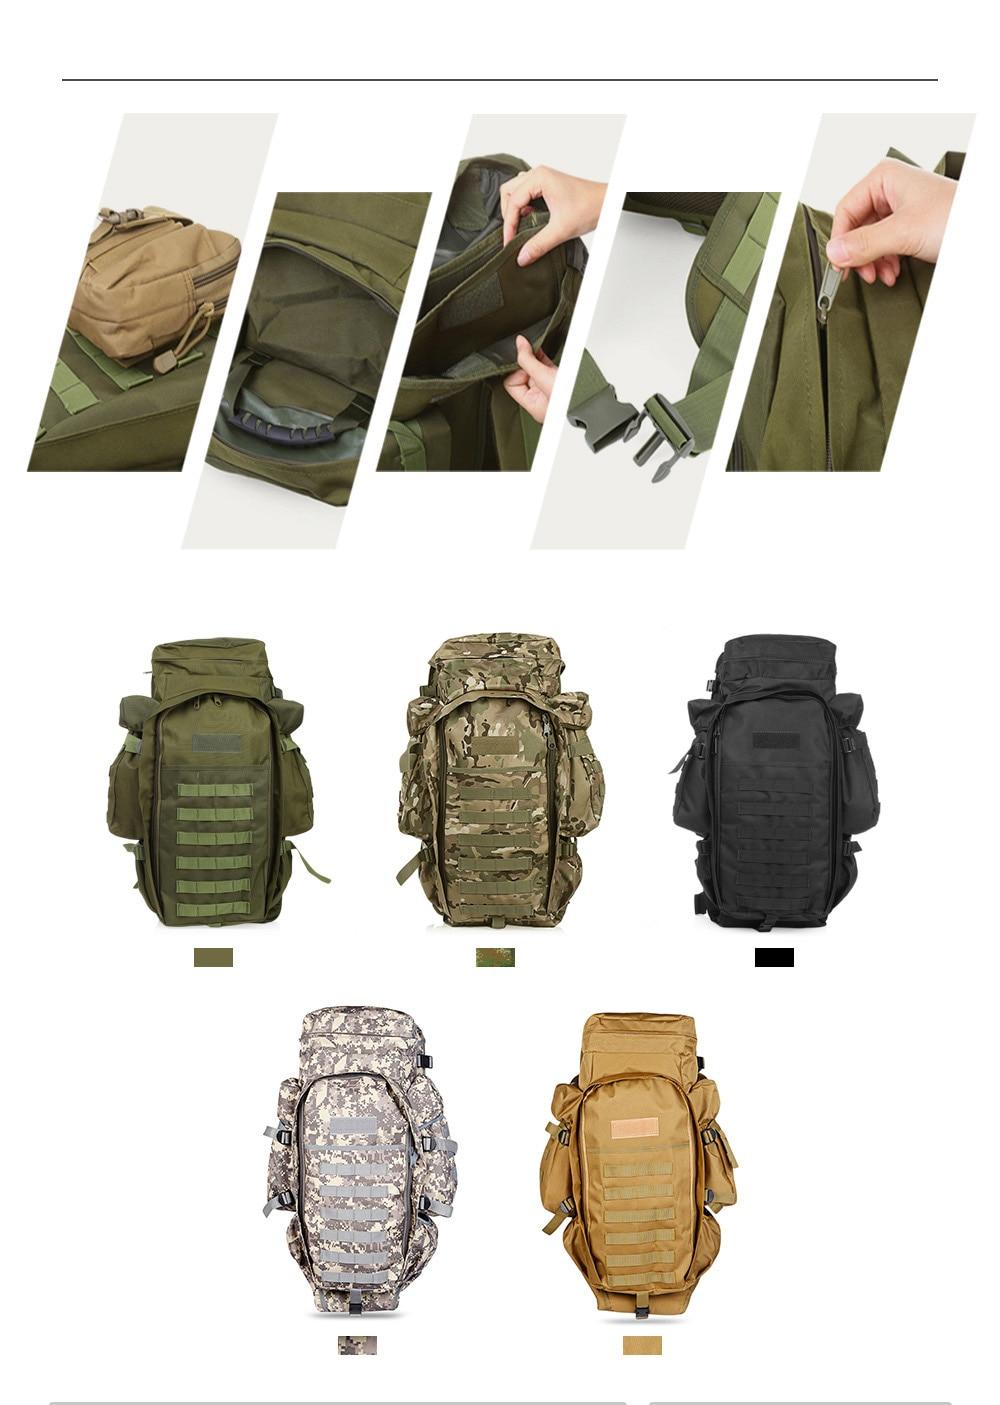 60L Outdoor Backpack Pack Rucksack for Hunting Shooting Camping Trekking Hiking Traveling Backpacks Waterproof Bags (20)